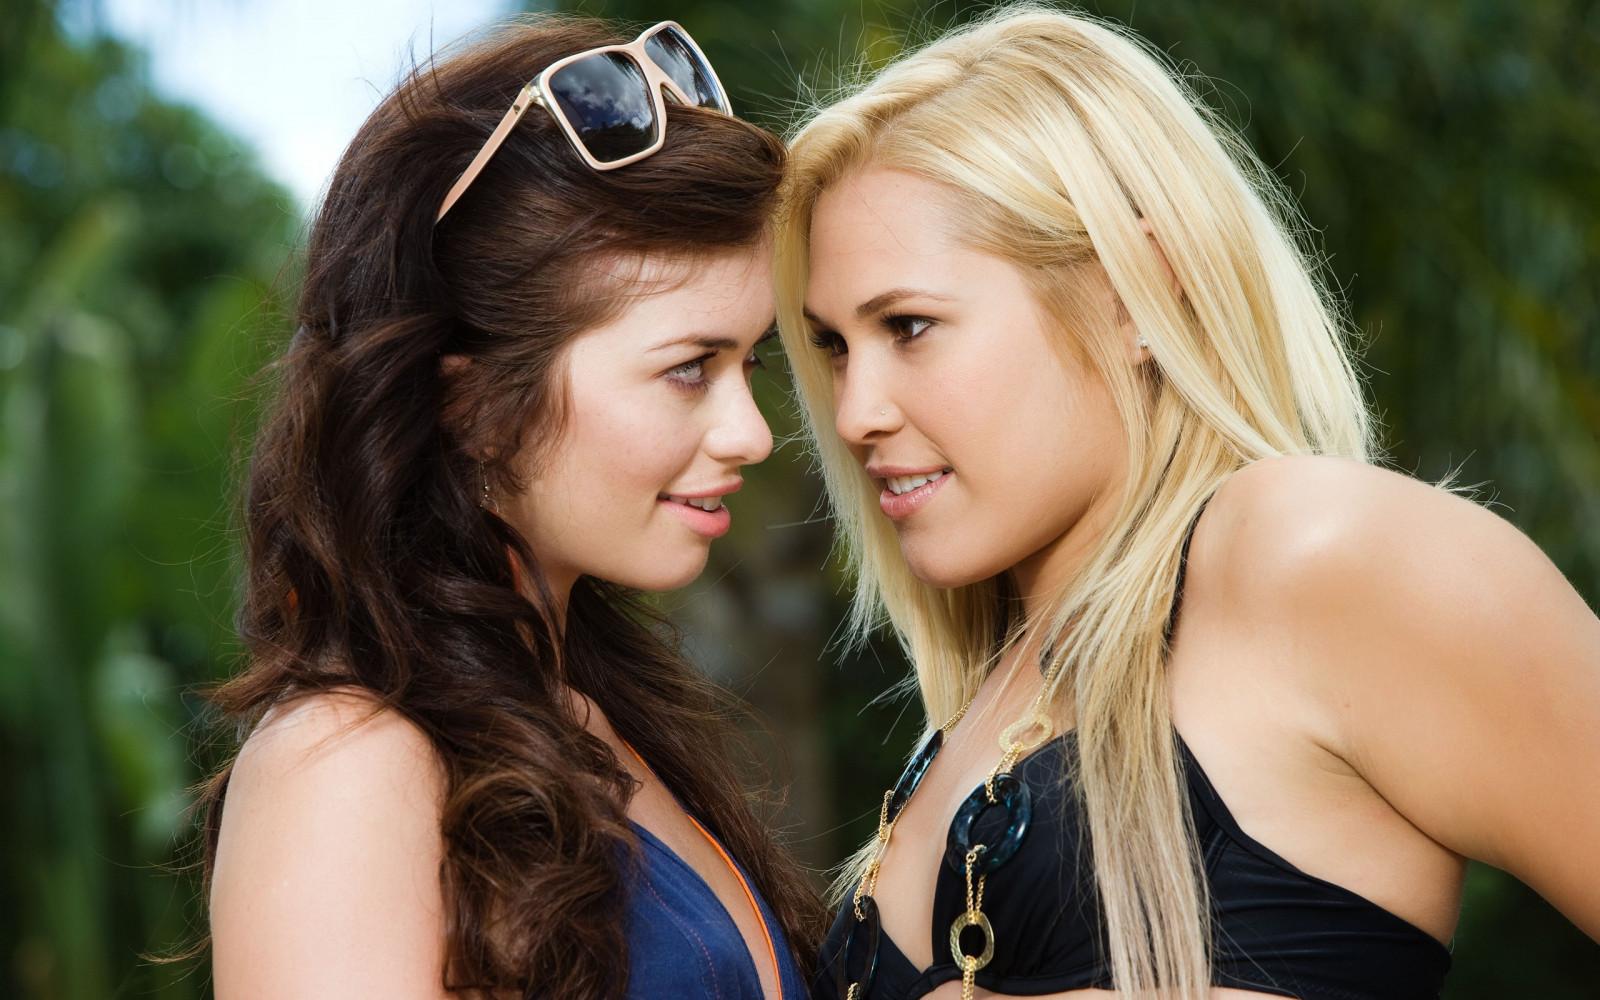 персонажи смотреть брюнетка блондинка лесбиянки даже